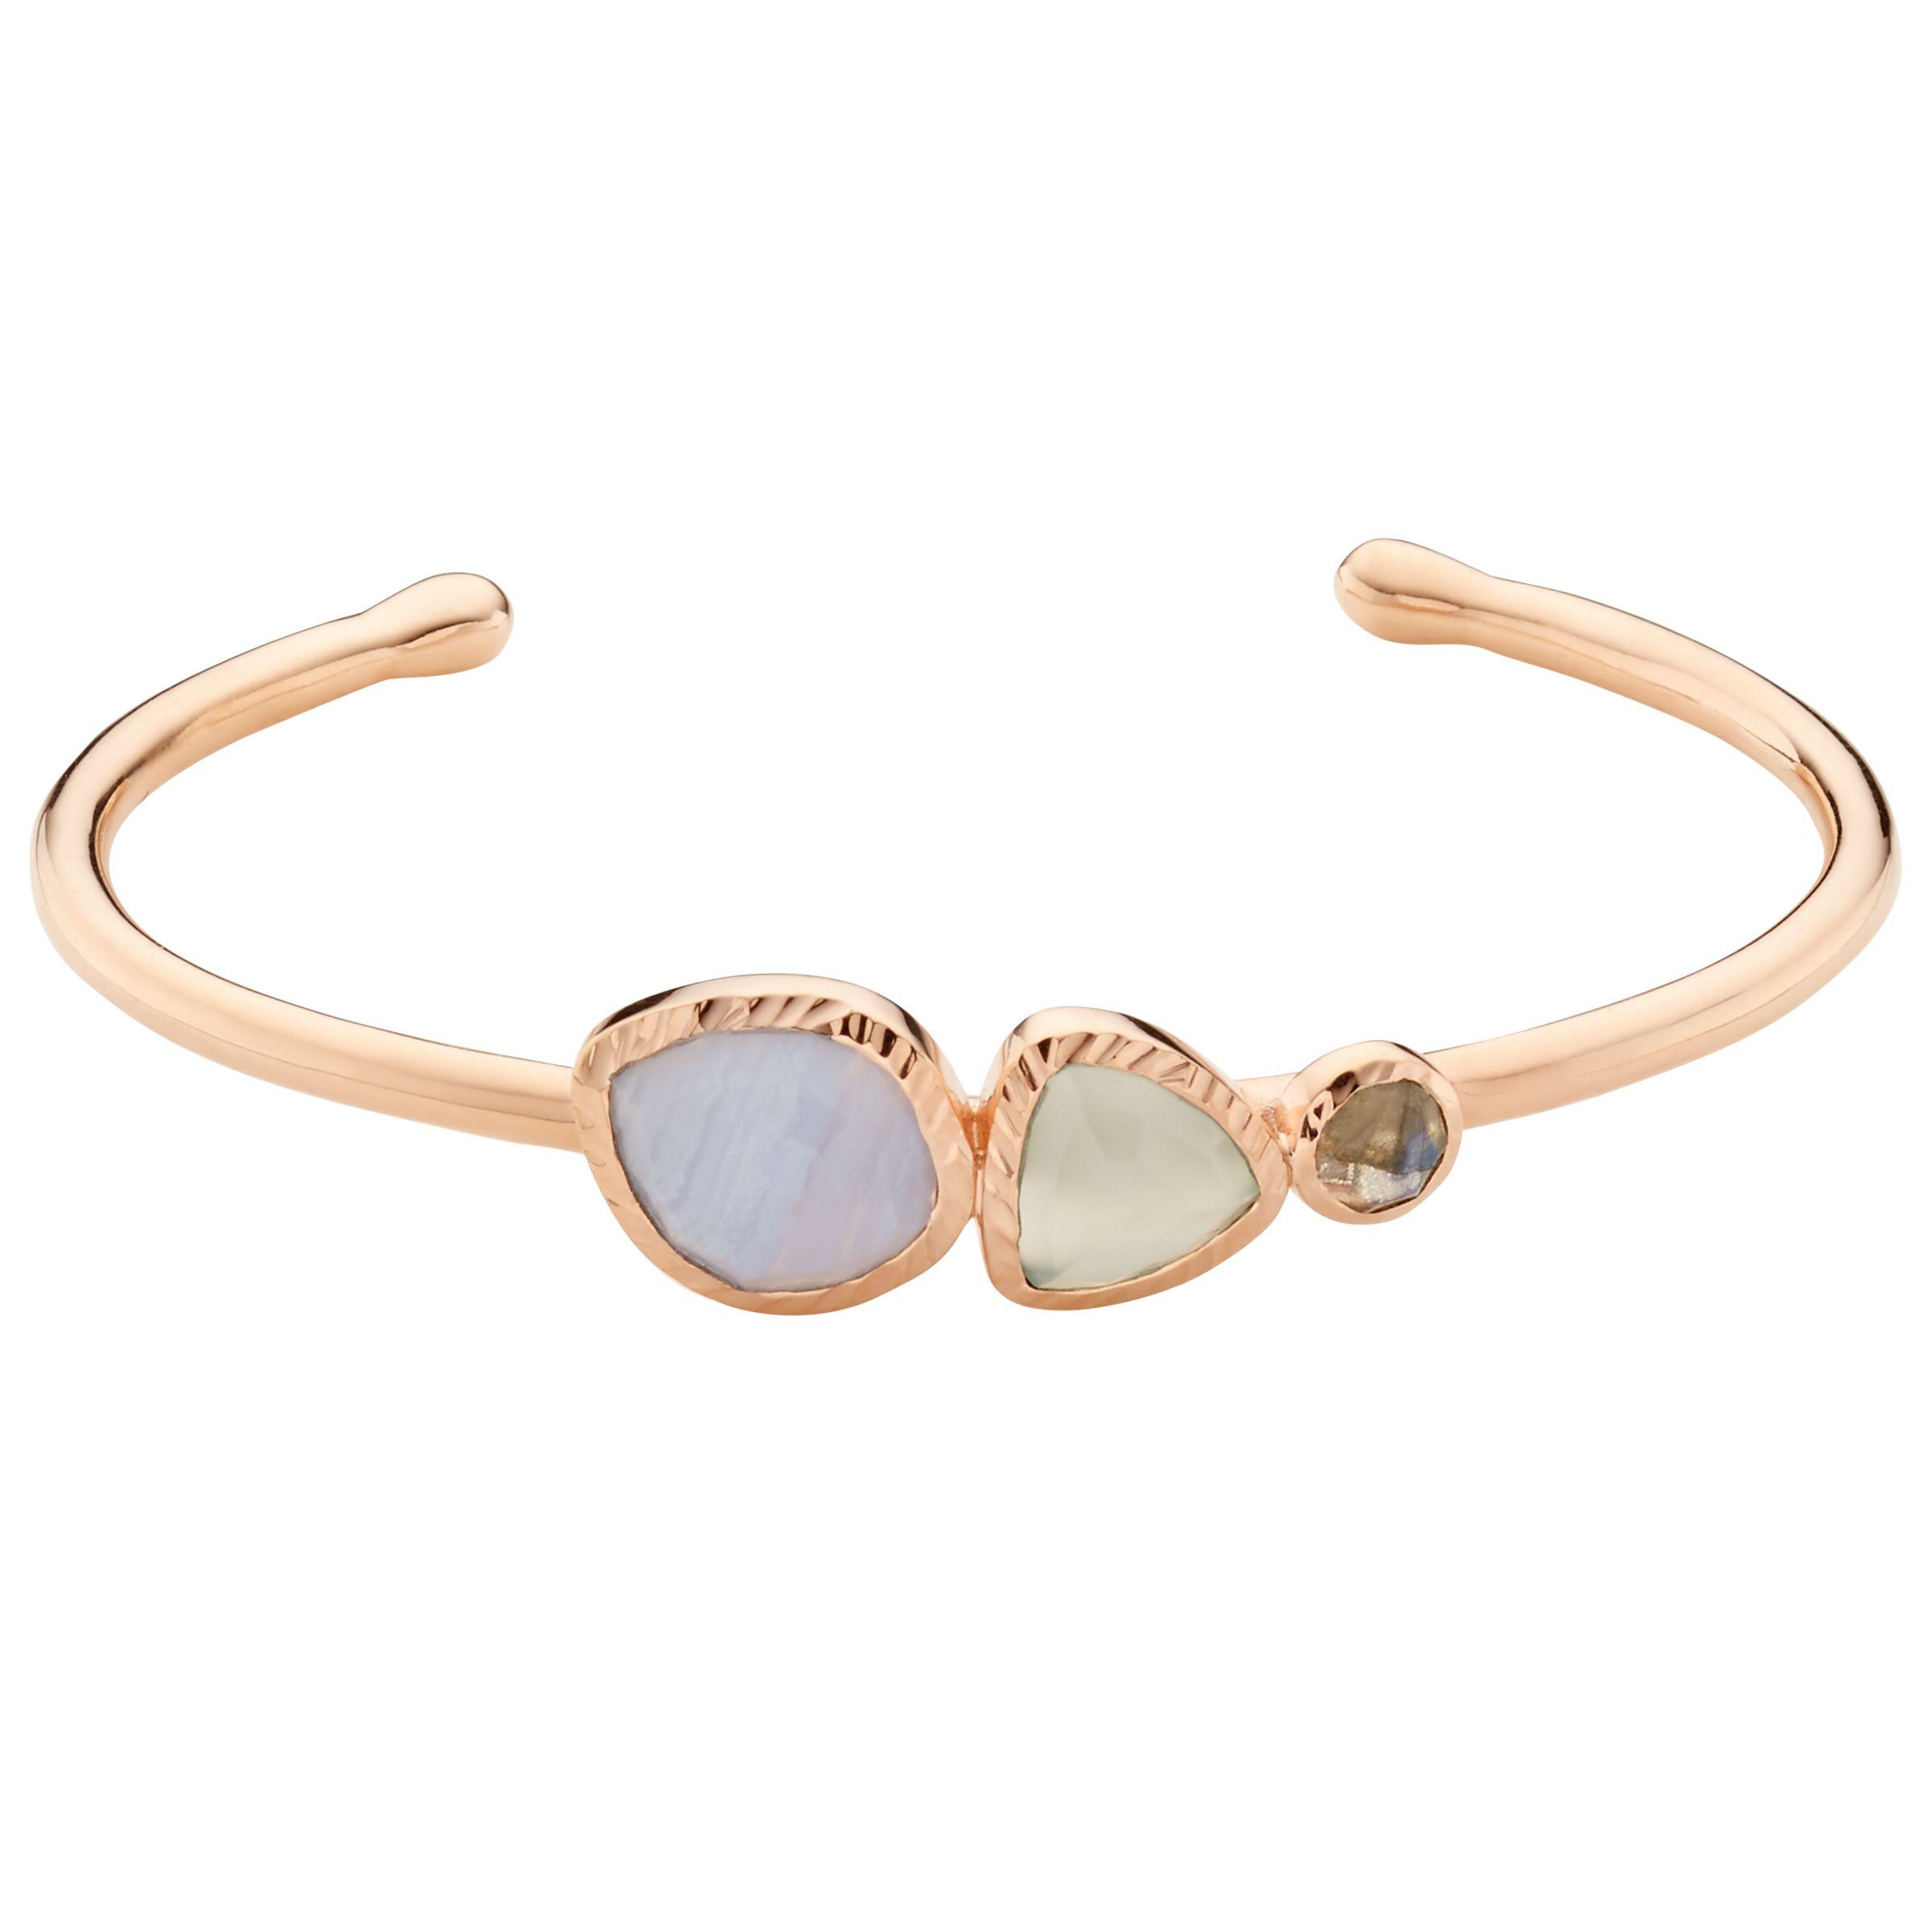 John Lewis Gemstones John Lewis Gemstones Multi Stone Open Cuff, Rose Gold/Multi